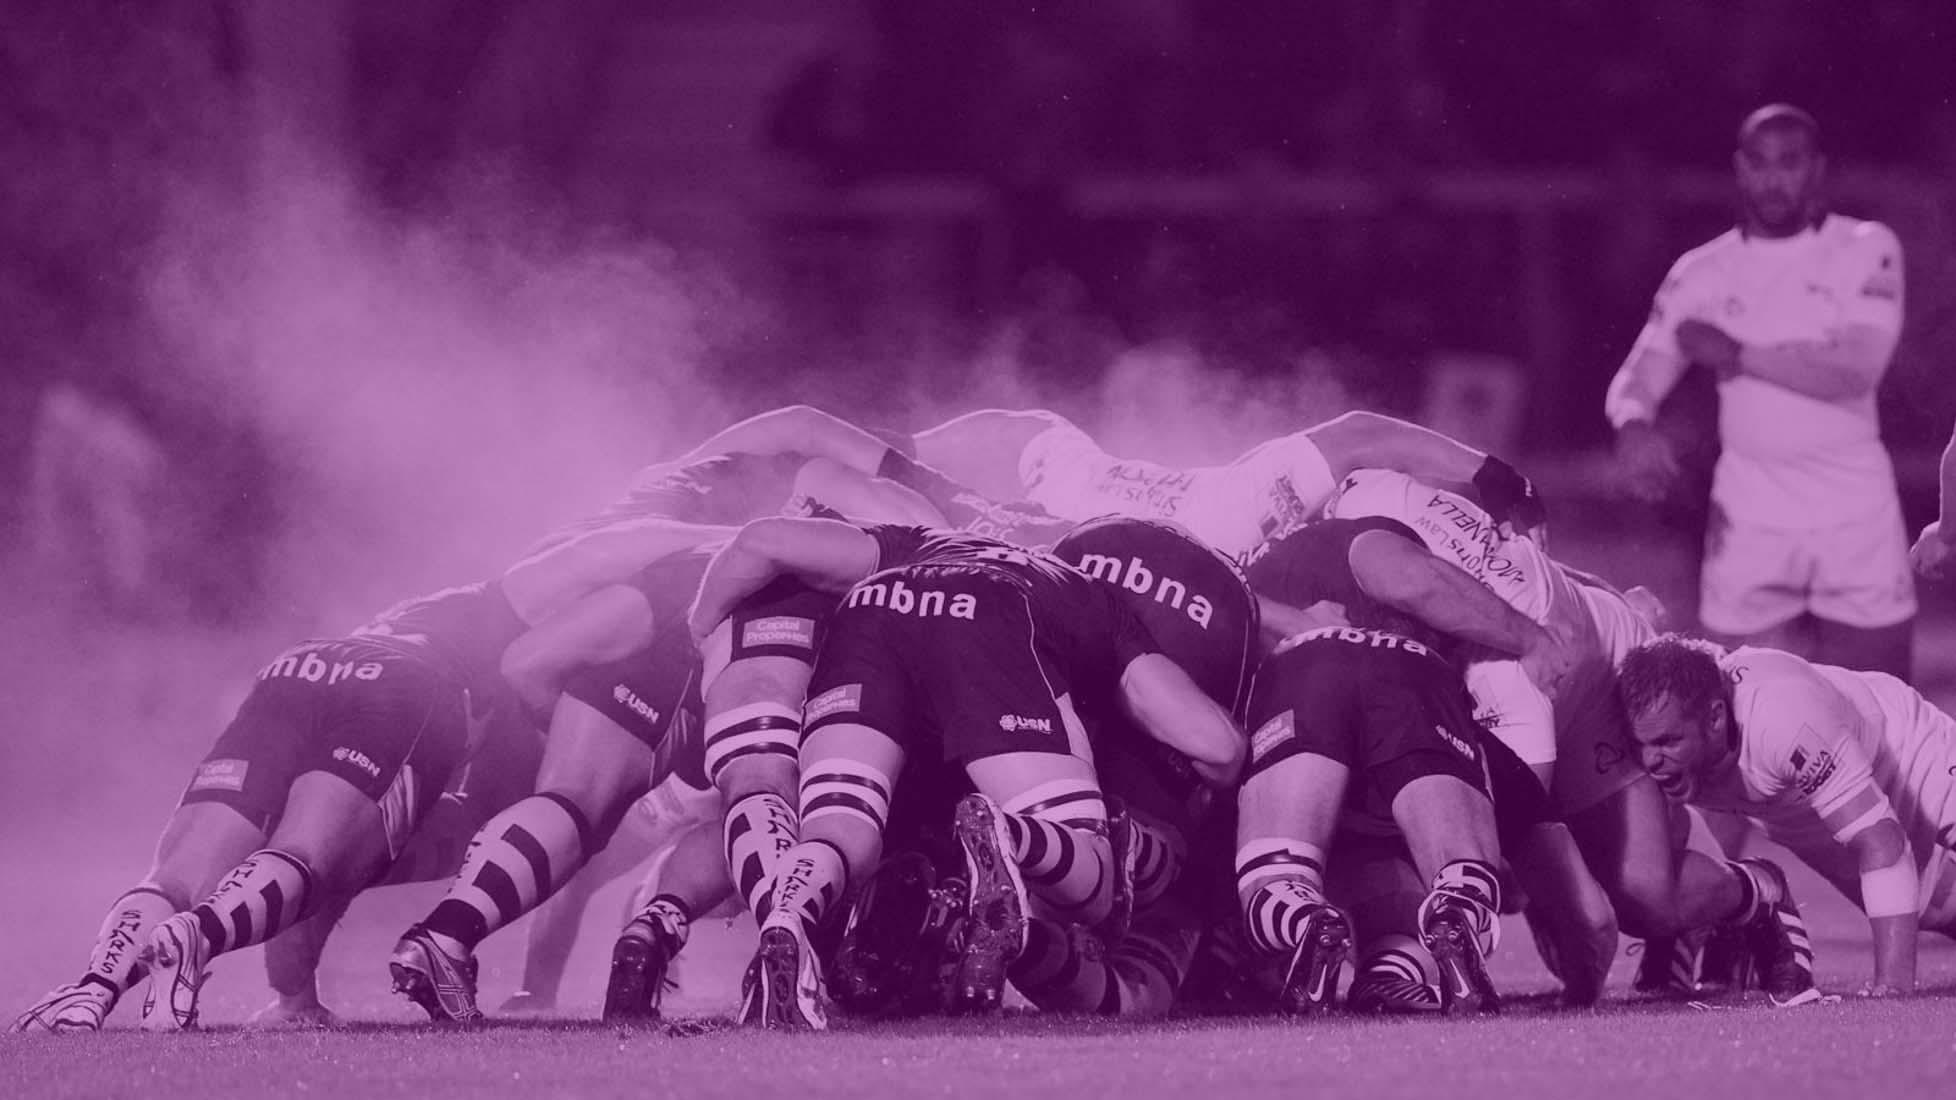 Mêlée rugby